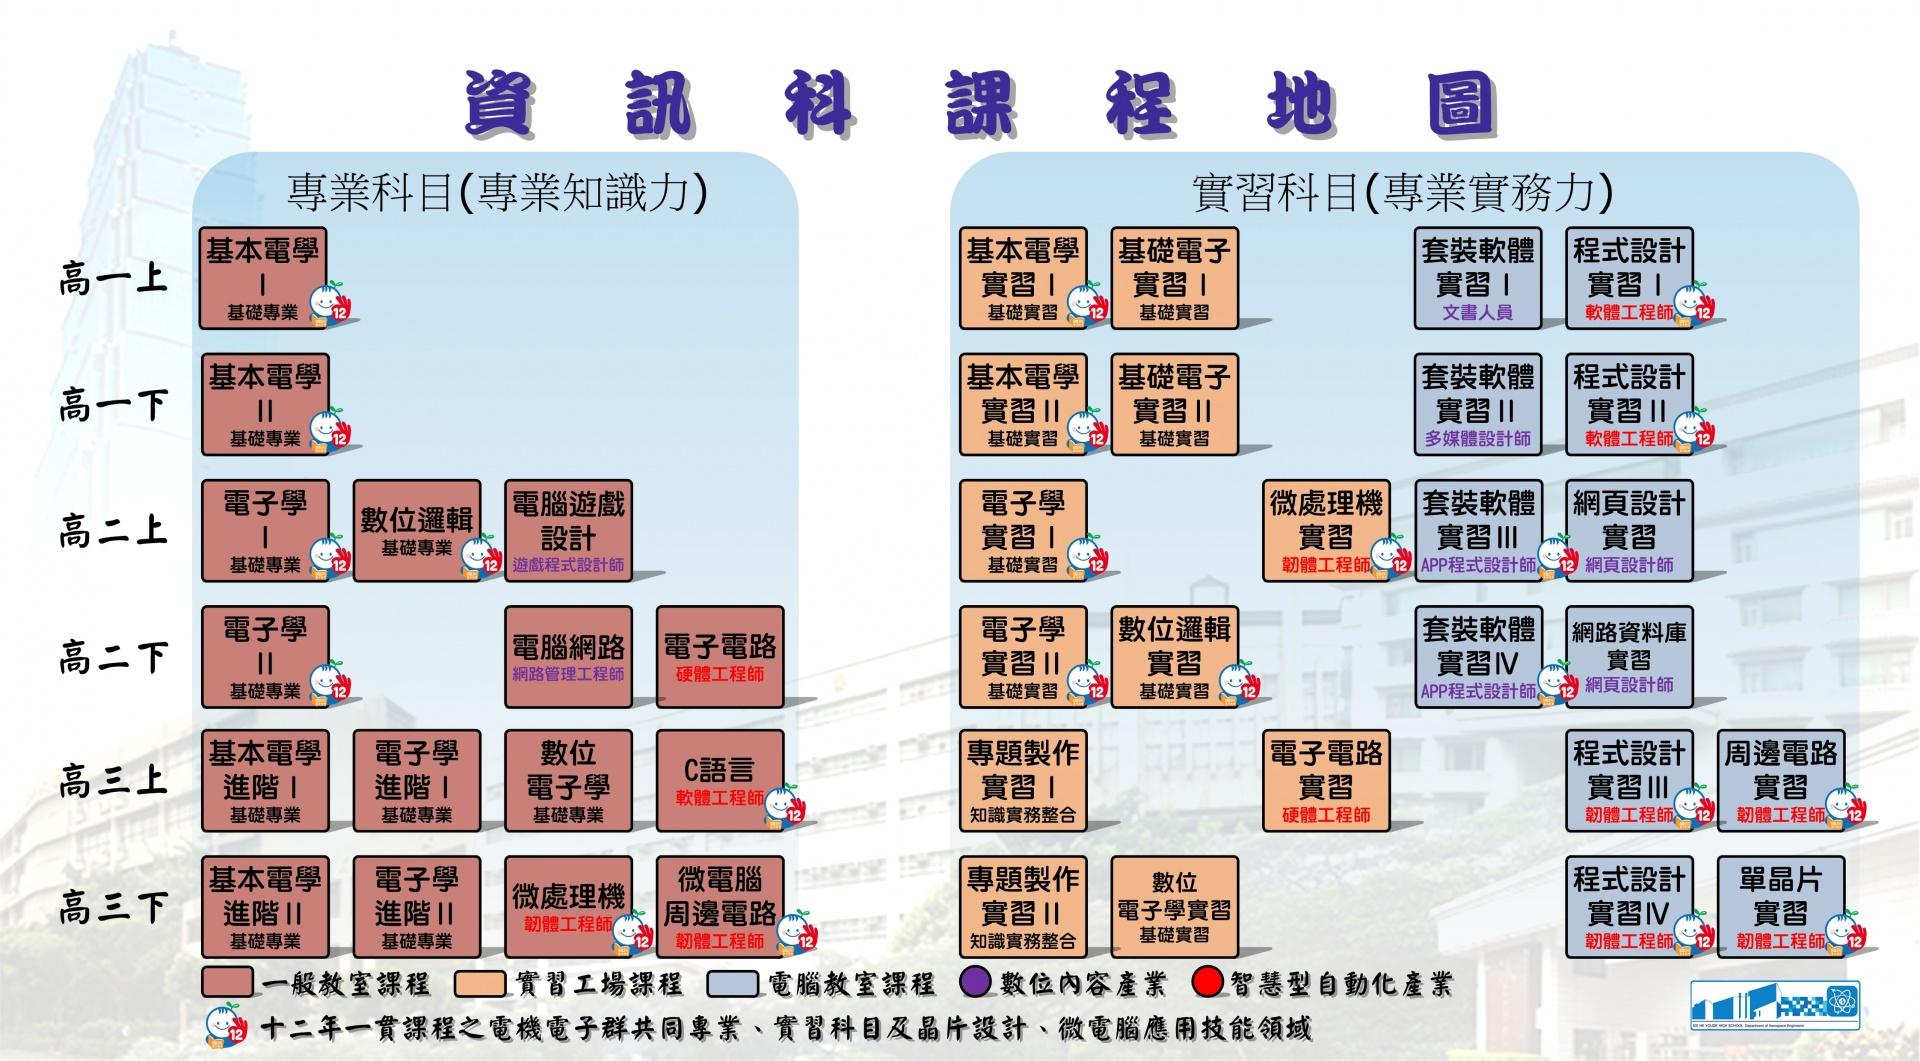 資訊科課程地圖